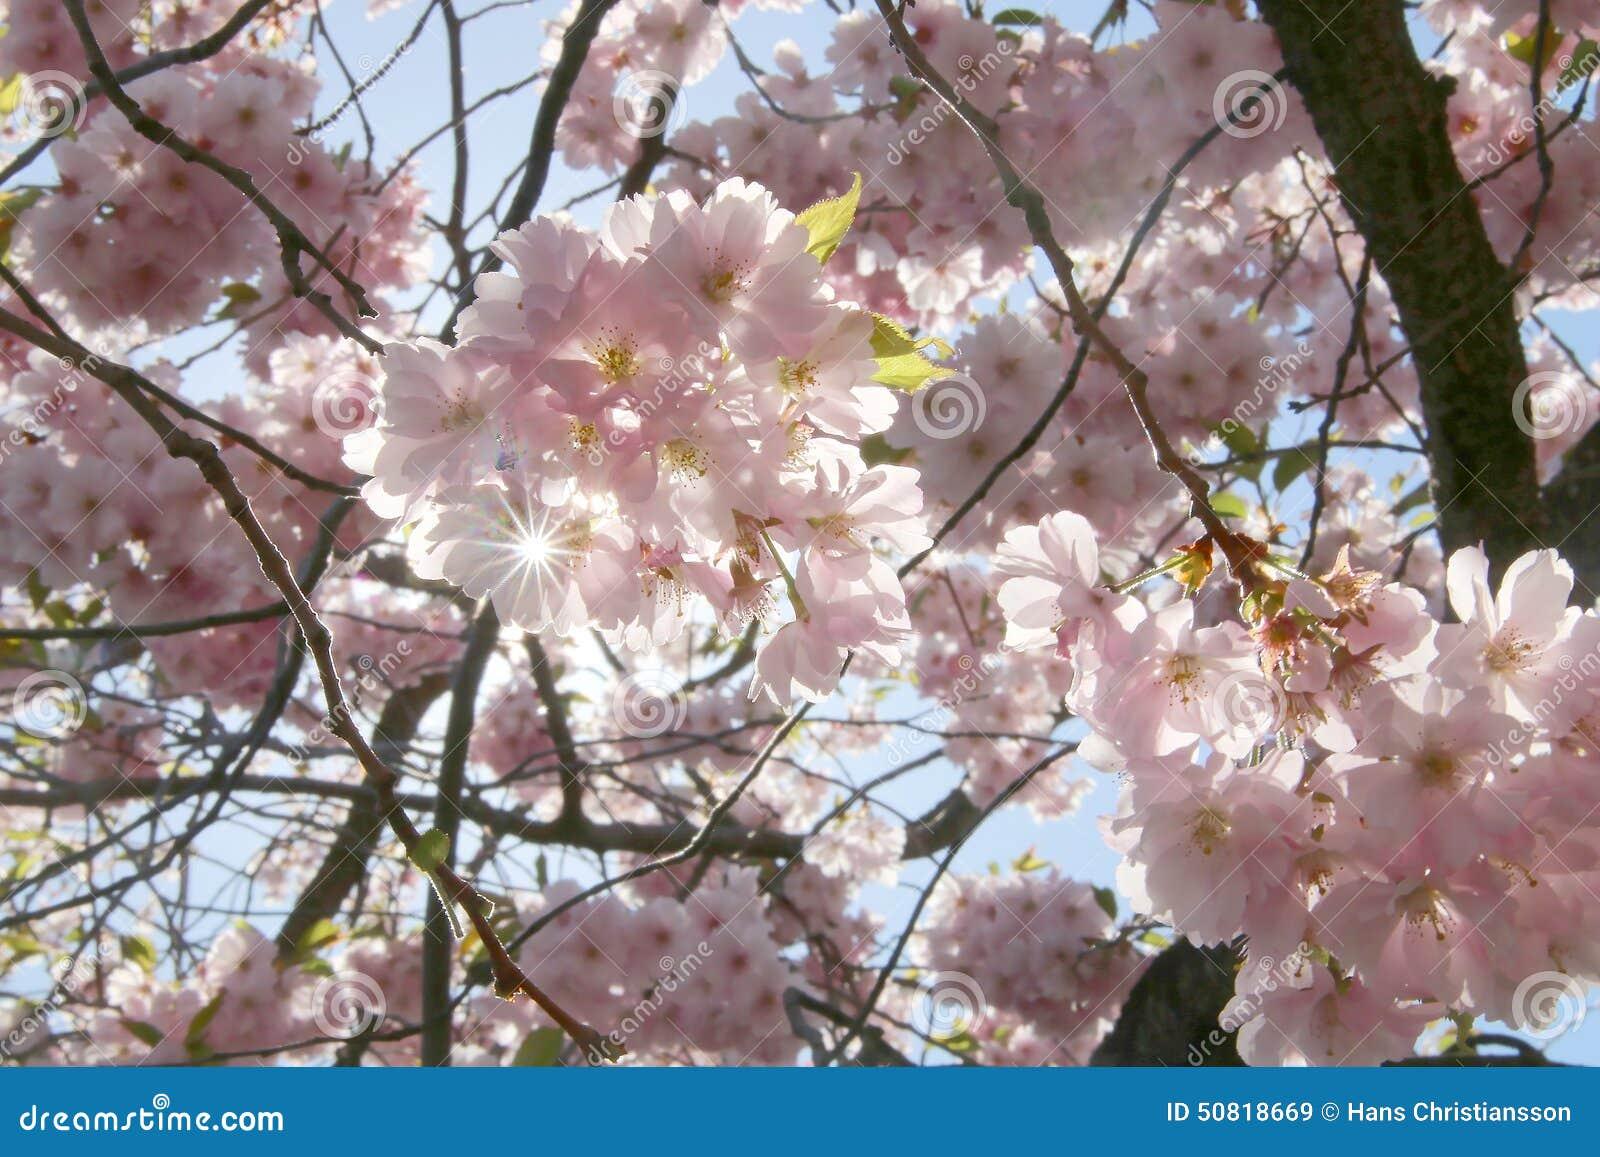 fleur de cerise dans le contre jour image stock image du. Black Bedroom Furniture Sets. Home Design Ideas